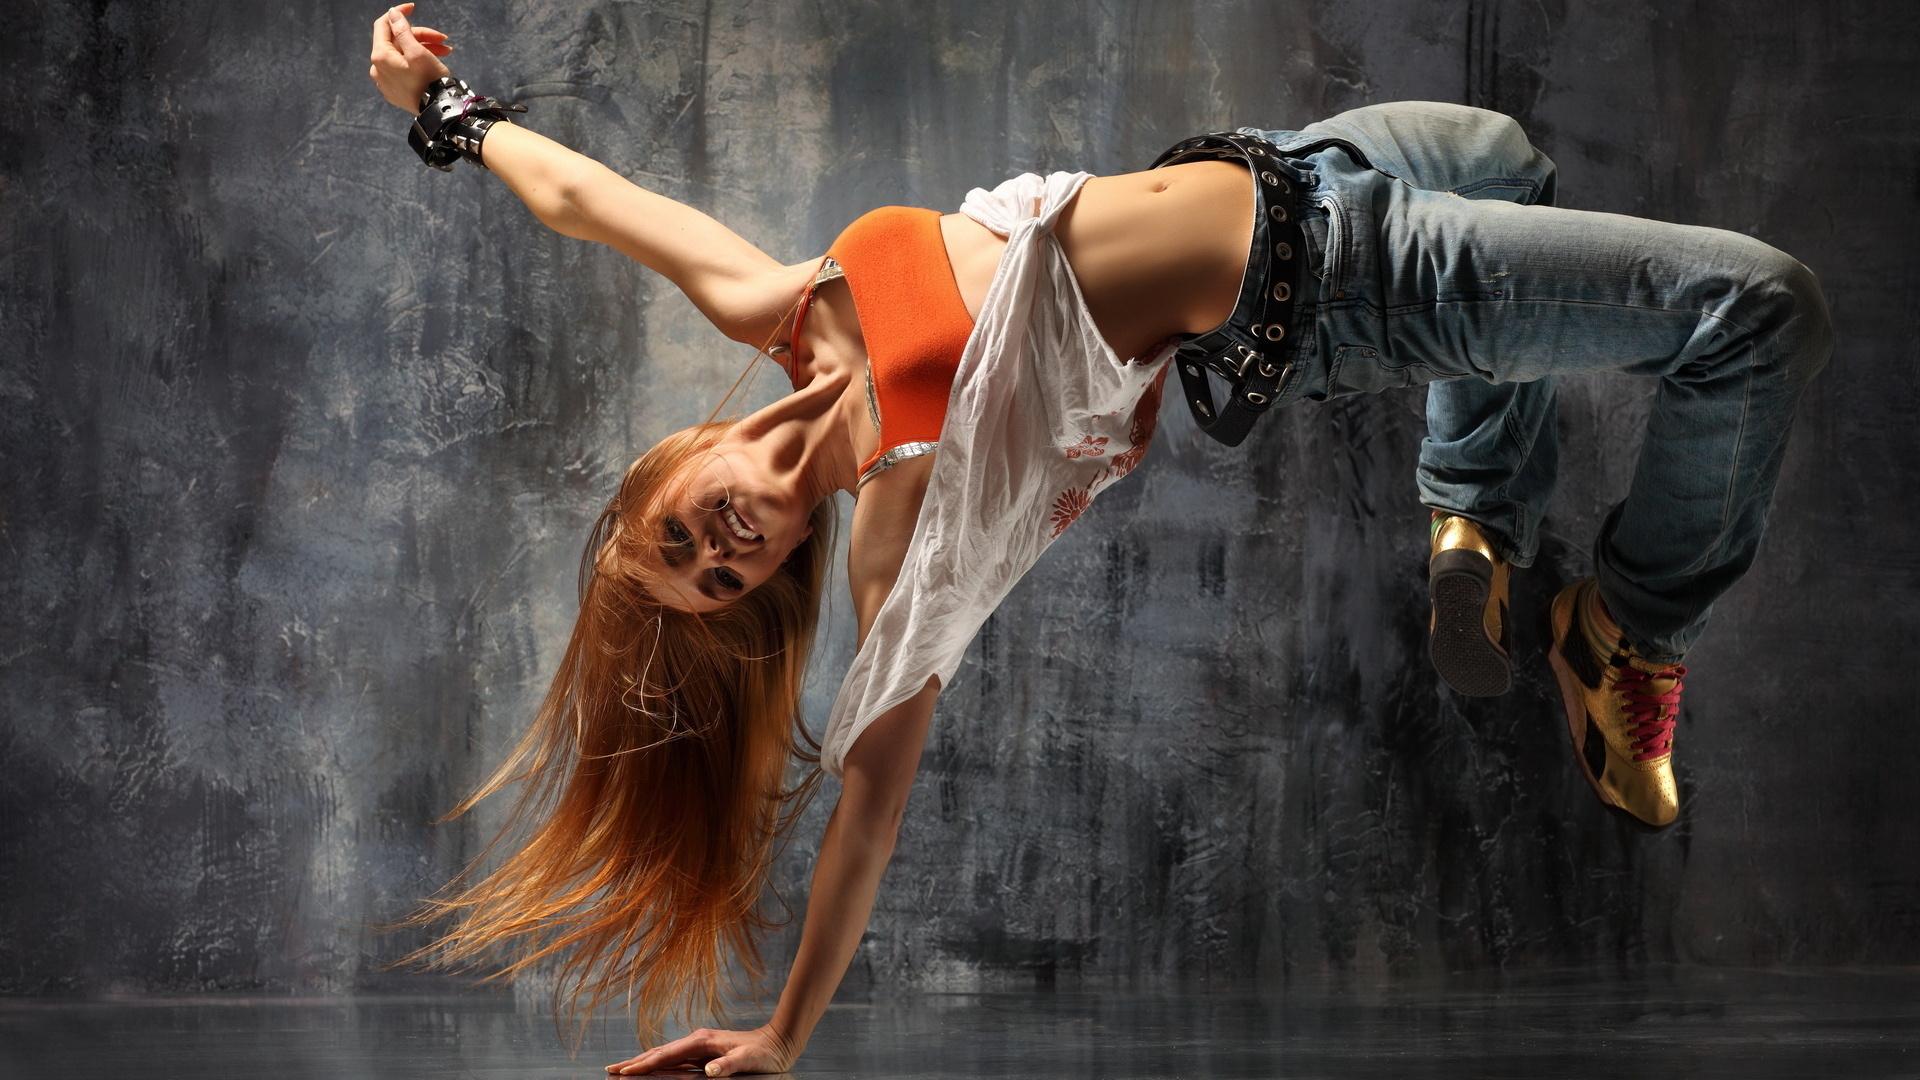 Это не просто танец, а целая культура со своей одеждой